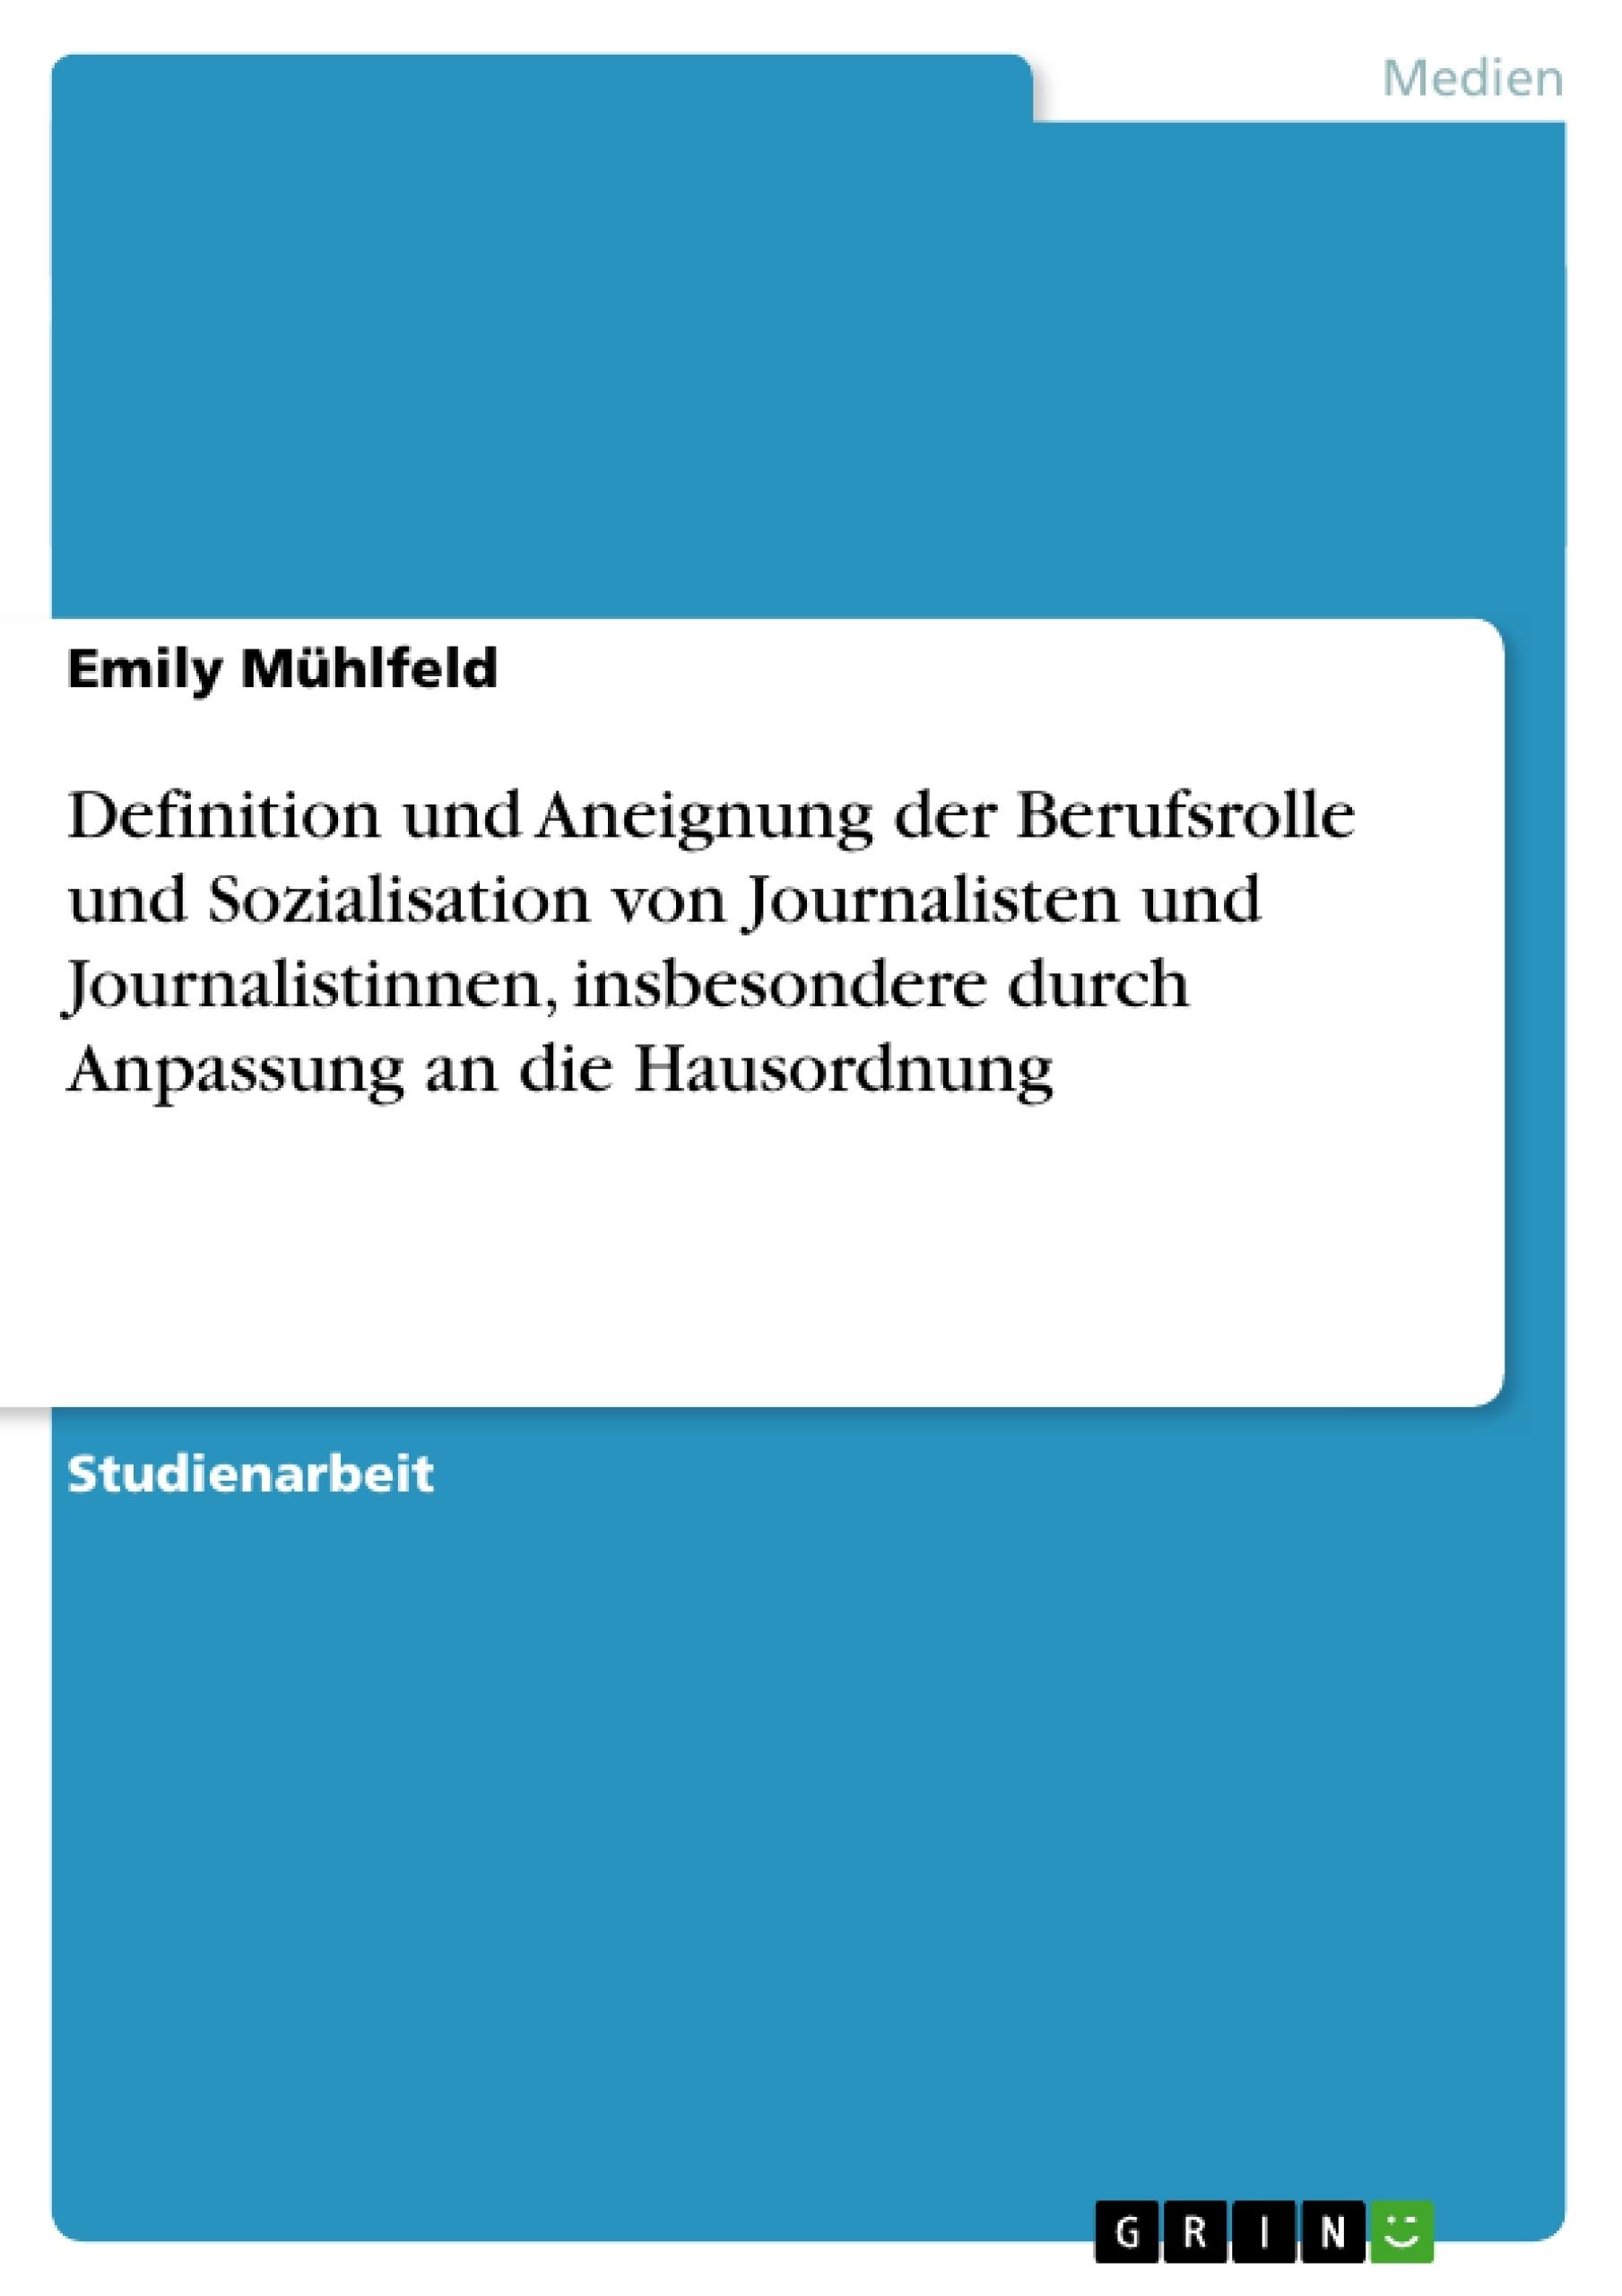 Titel: Definition und Aneignung der Berufsrolle und Sozialisation von Journalisten und Journalistinnen, insbesondere durch Anpassung an die Hausordnung